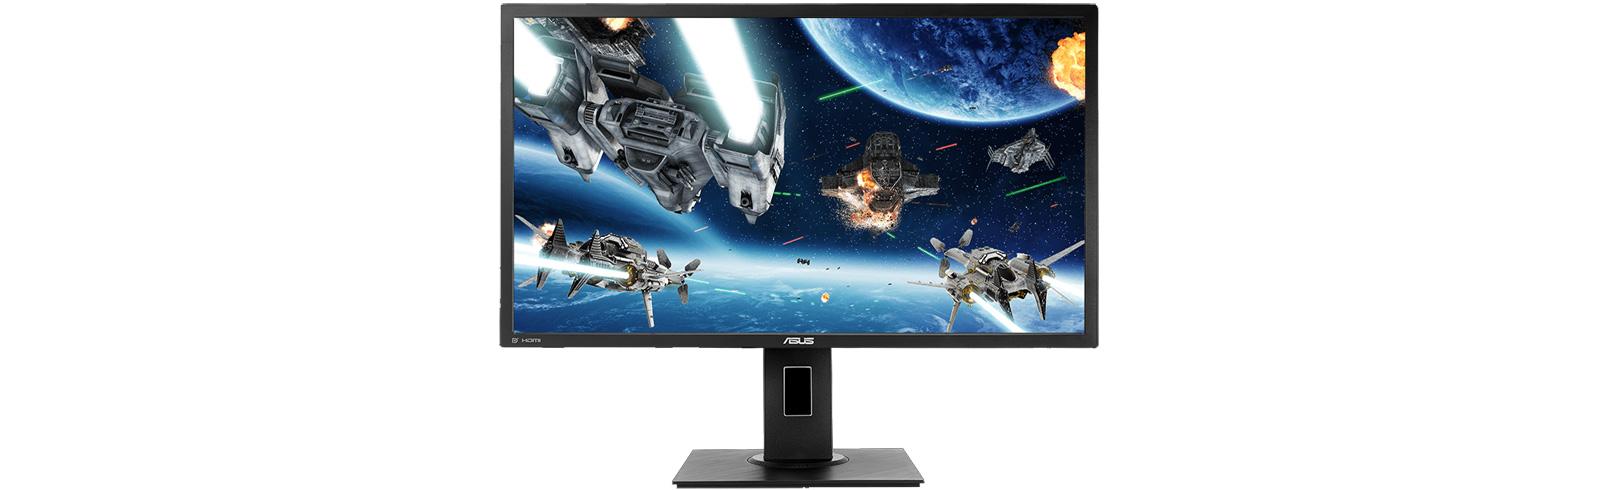 """Asus continues its gaming monitors lineup with the 28"""" 4K UHD Asus VP28UQGL"""